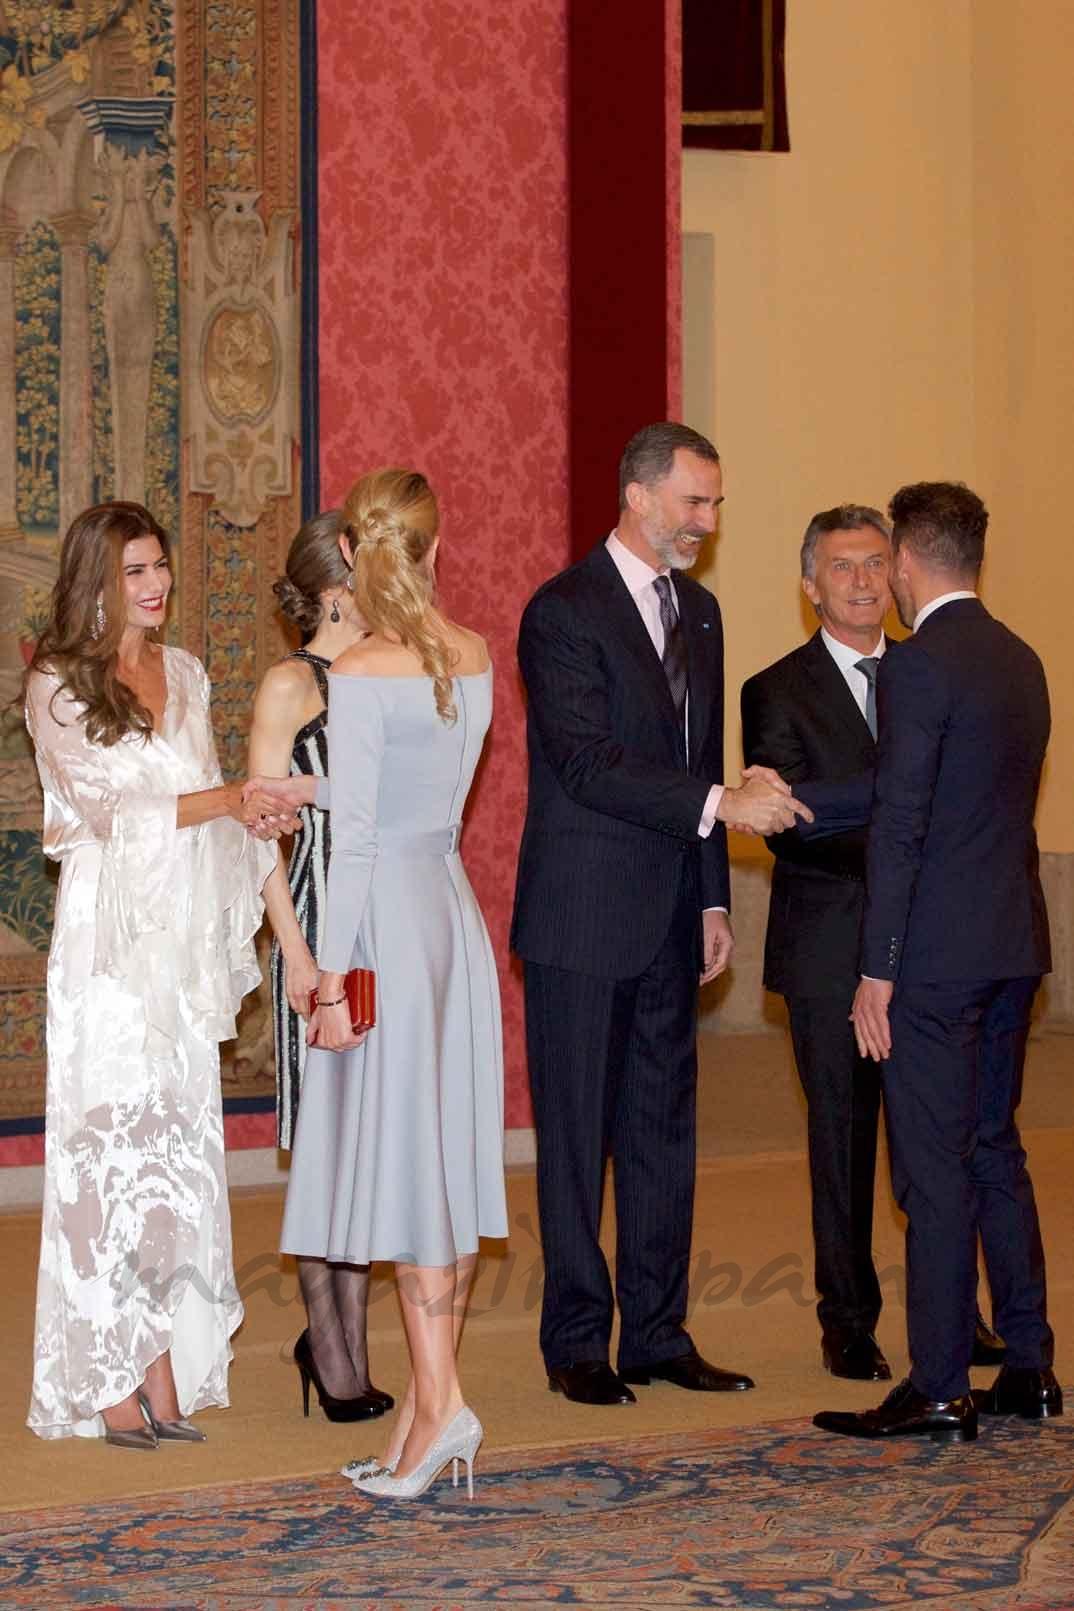 Diego Pablo Simeone y Carla Pereyra con los Reyes y el Presidente Macri y su esposa, en la recepción ofrecida en honor de Don Felipe y Doña Letizia